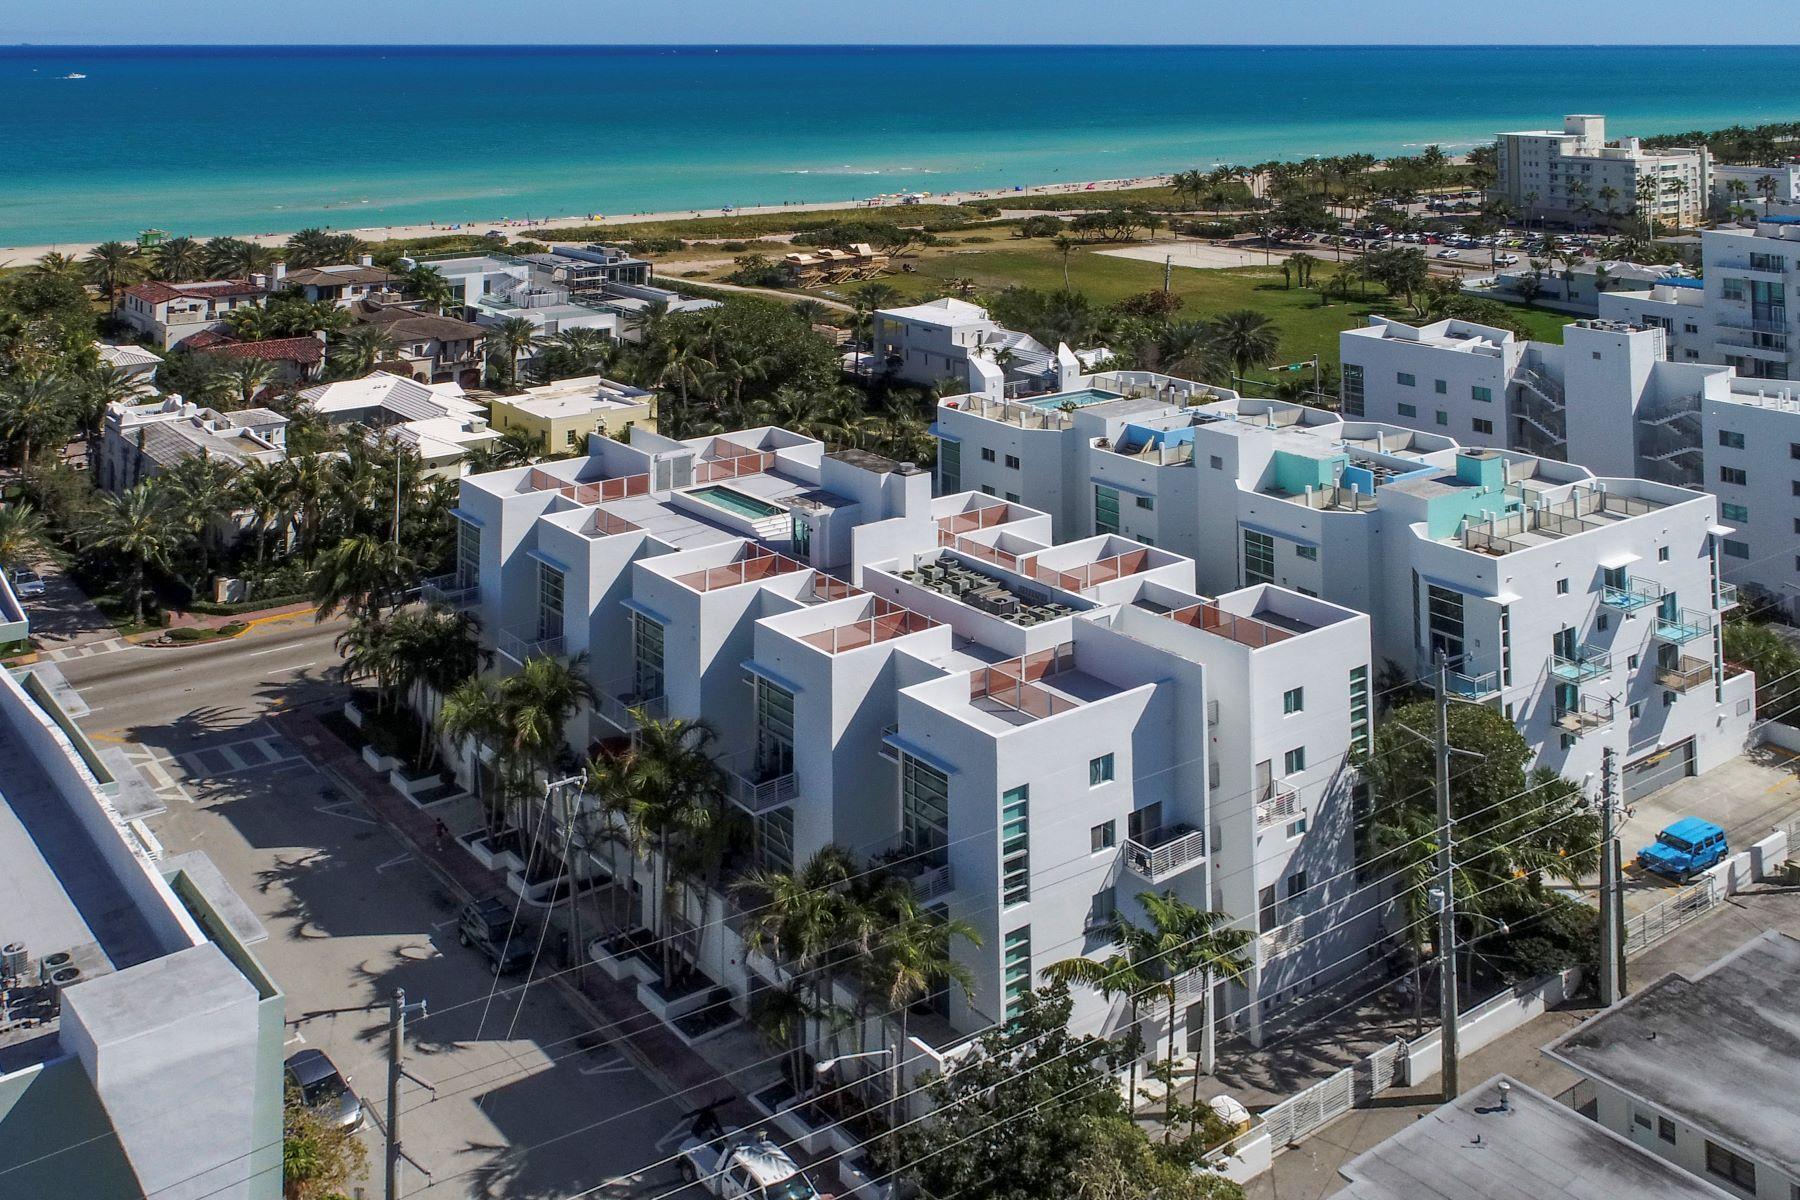 共管式独立产权公寓 为 销售 在 7744 Collins Ave 7744 Collins Ave 18, 迈阿密海滩, 佛罗里达州, 33141 美国